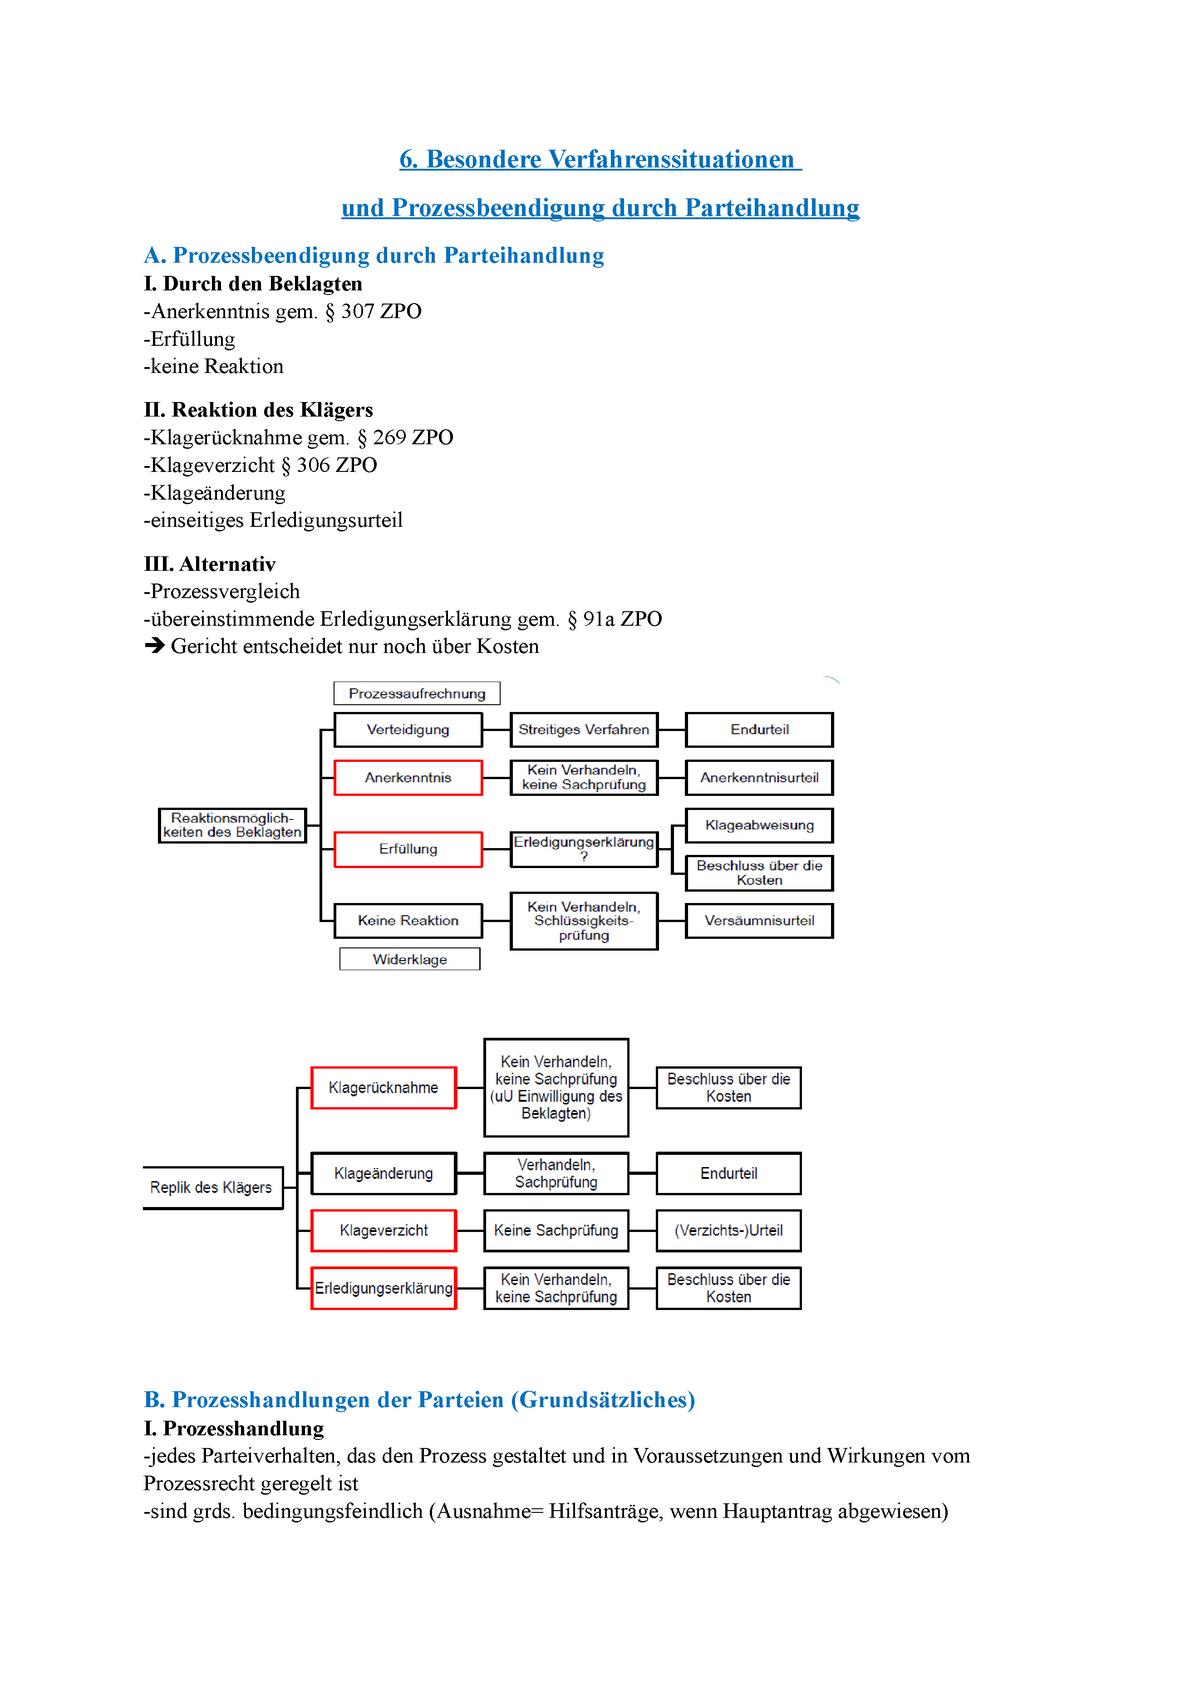 20. ZPO Besondere Verfahrenssituation, Prozessbeendigung durch ...